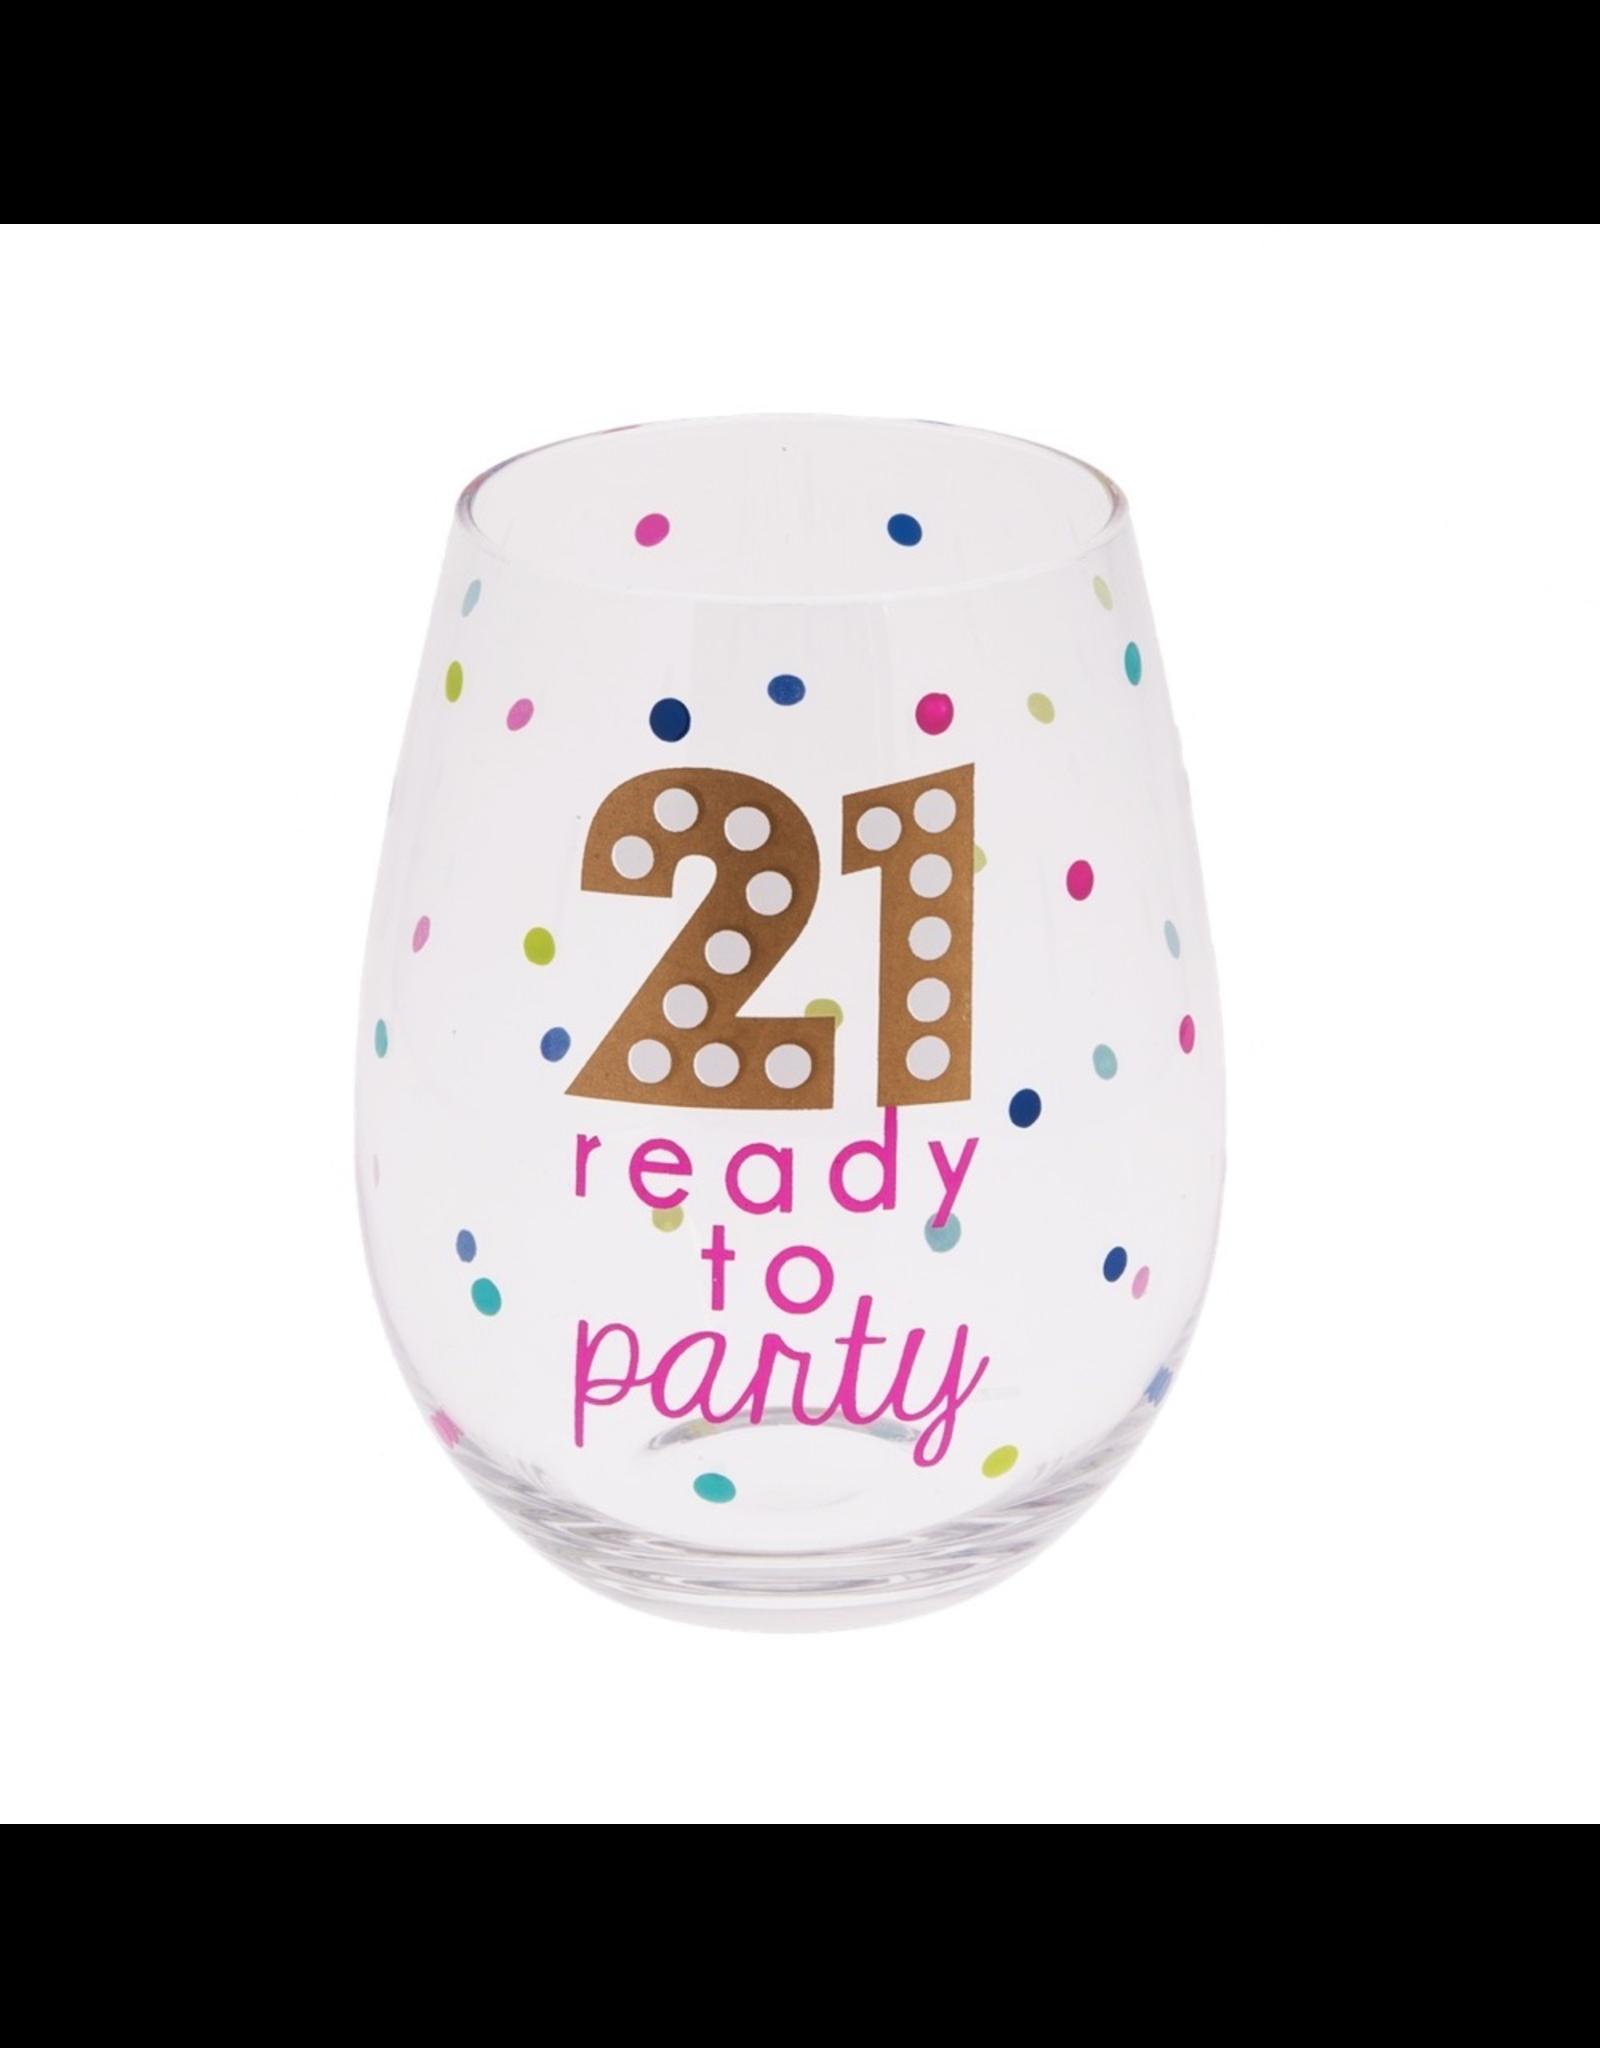 Midwest-CBK Birthday Stemless Wine Glass 20oz w 21 Ready To Party